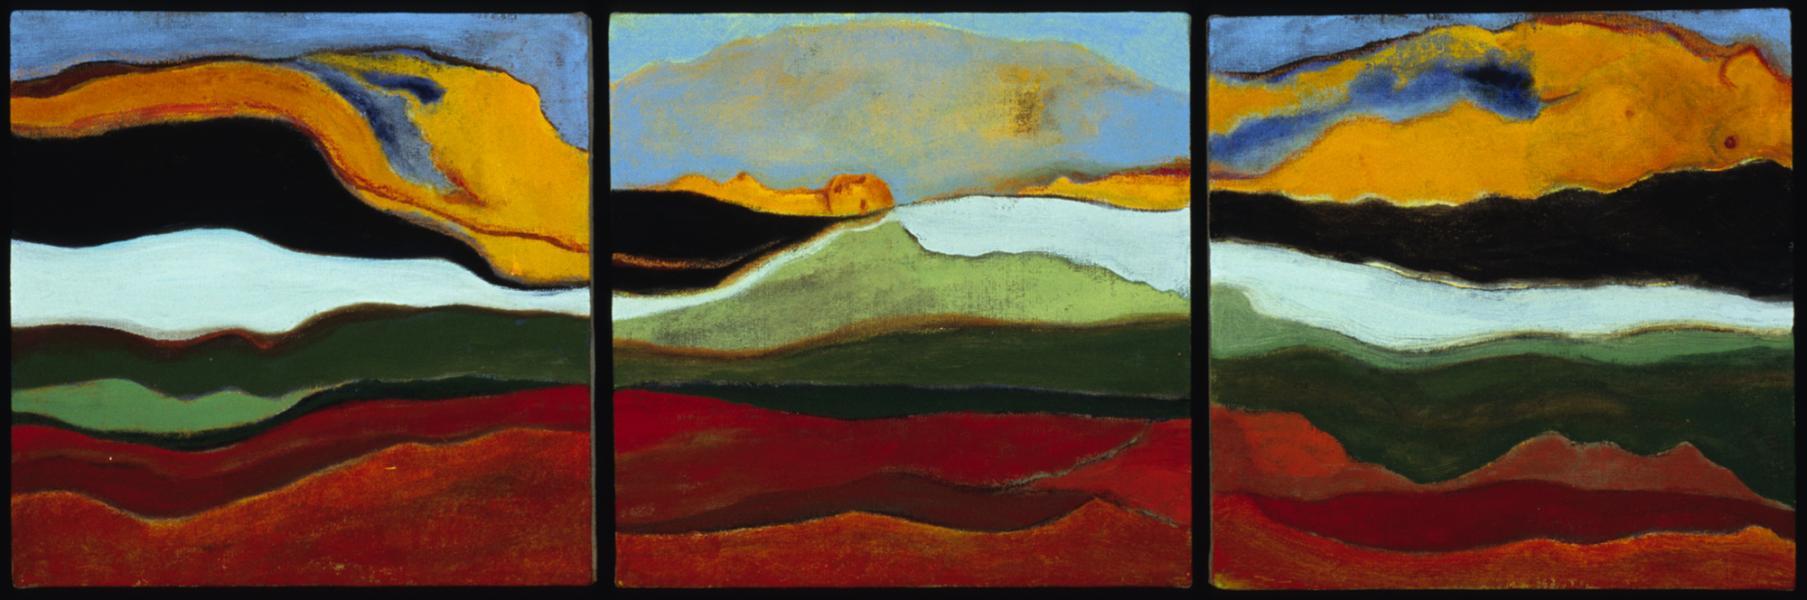 Mathias - Red Mountain Sky